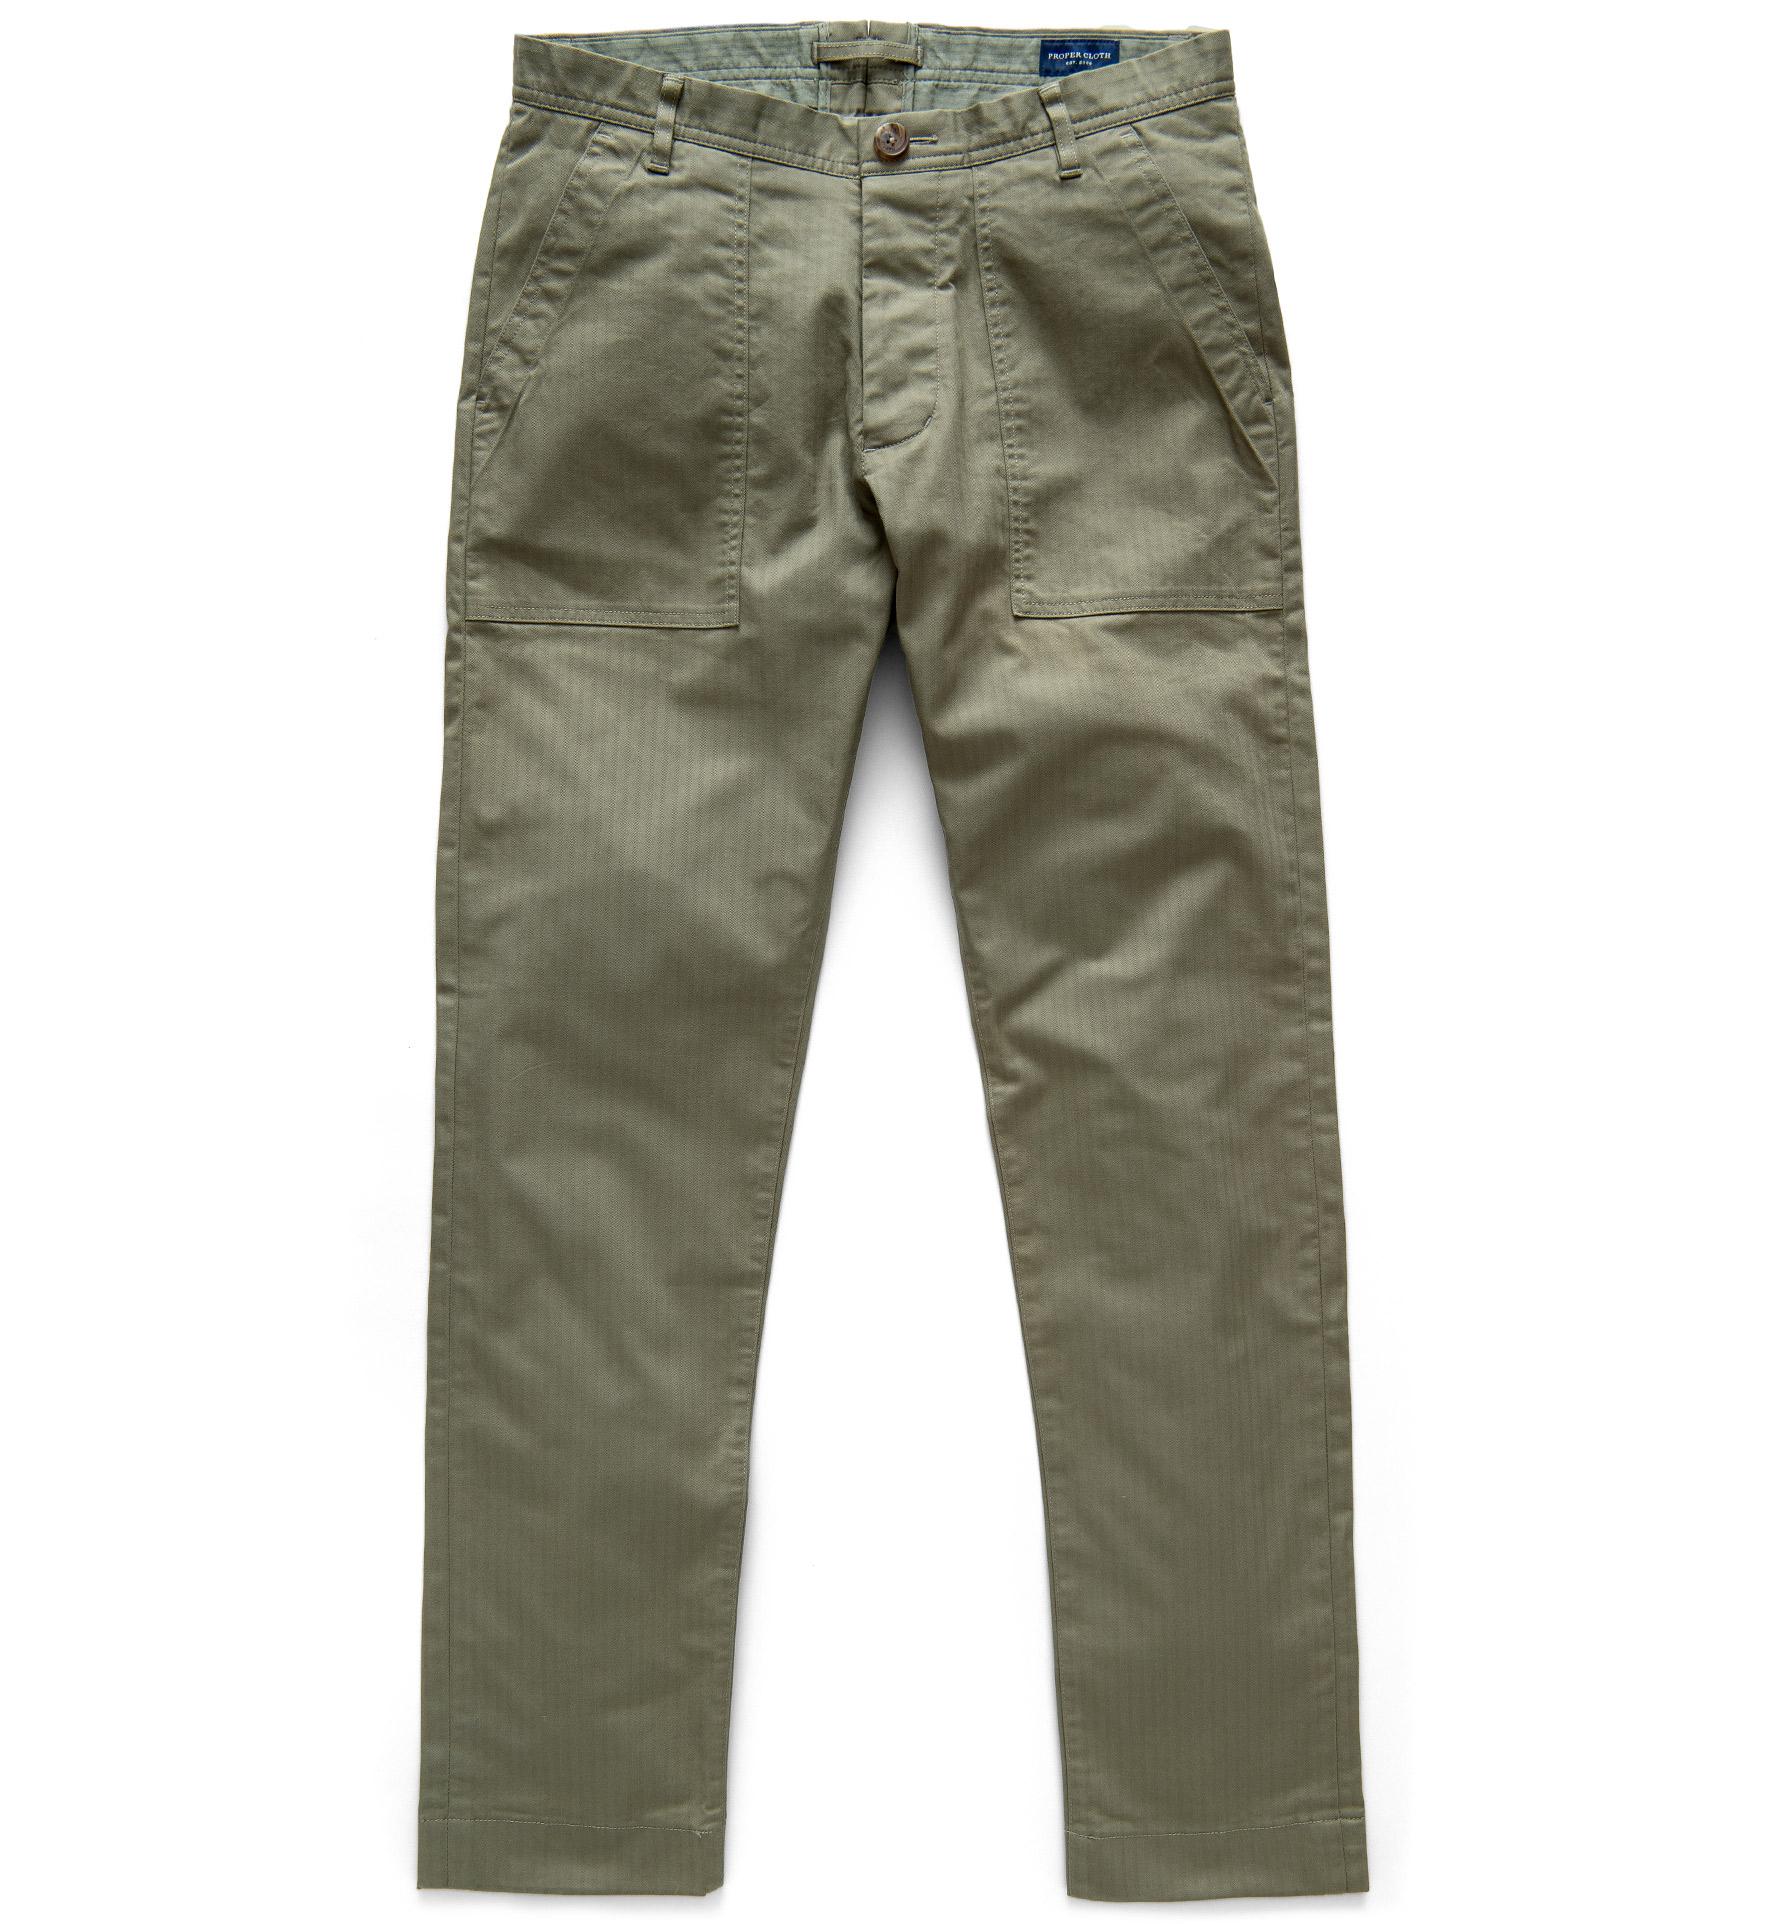 Zoom Image of Wythe Surplus Green Herringbone Fatigue Pant